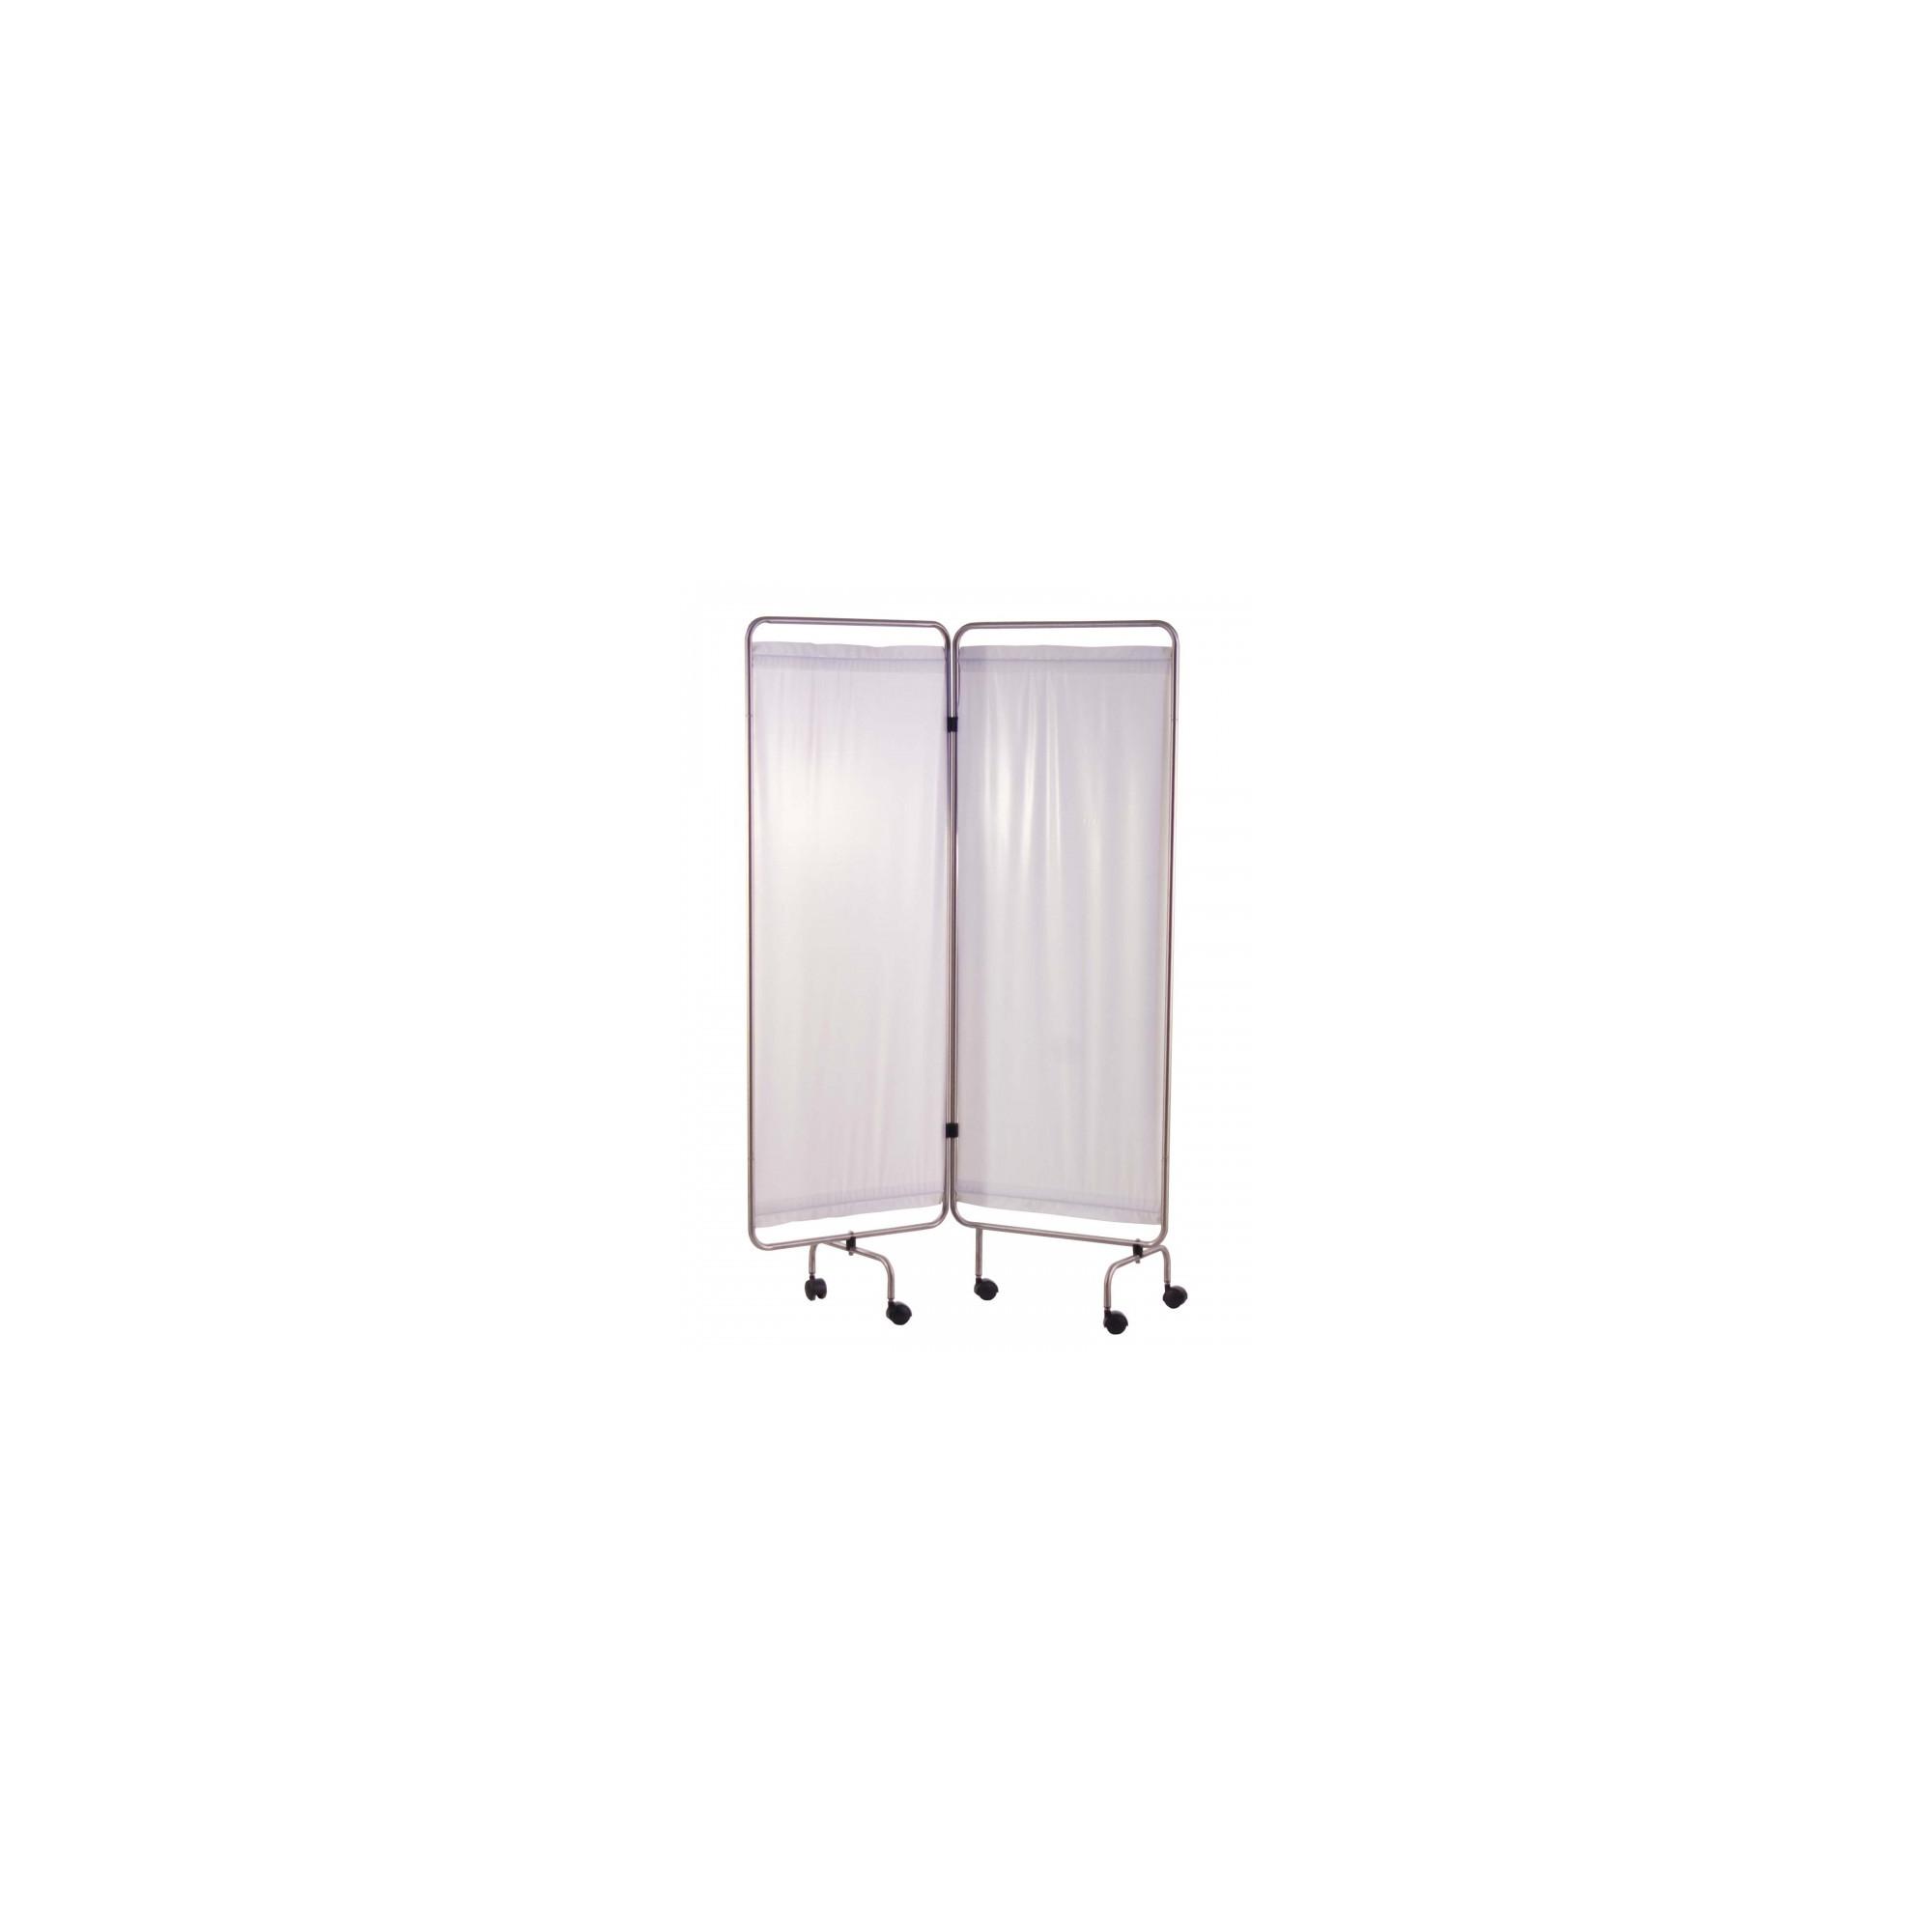 Paravent Inox 2 Panneaux avec Rideaux Tendus - Blanc